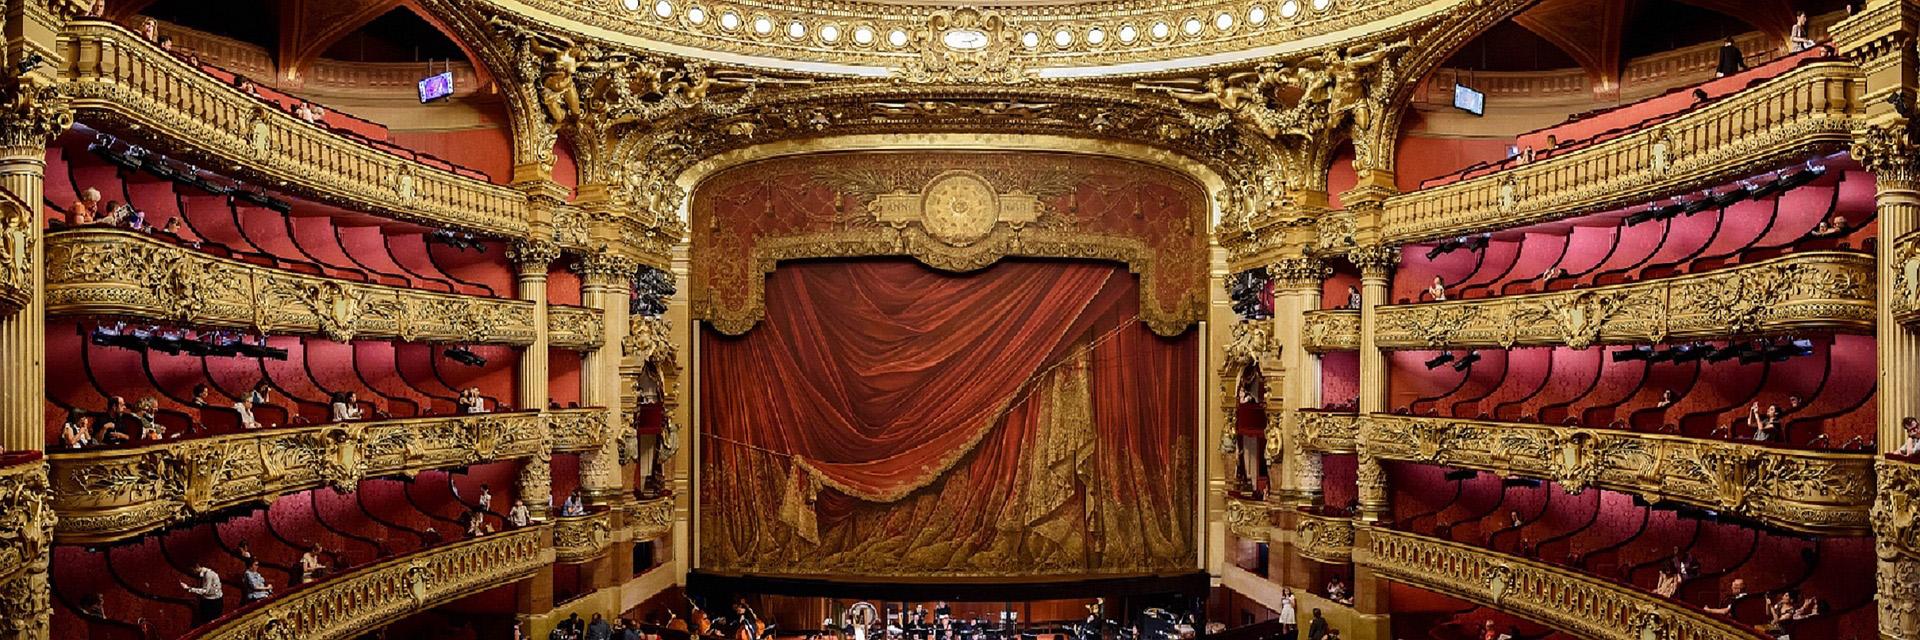 Palais Garnier Paris.jpg